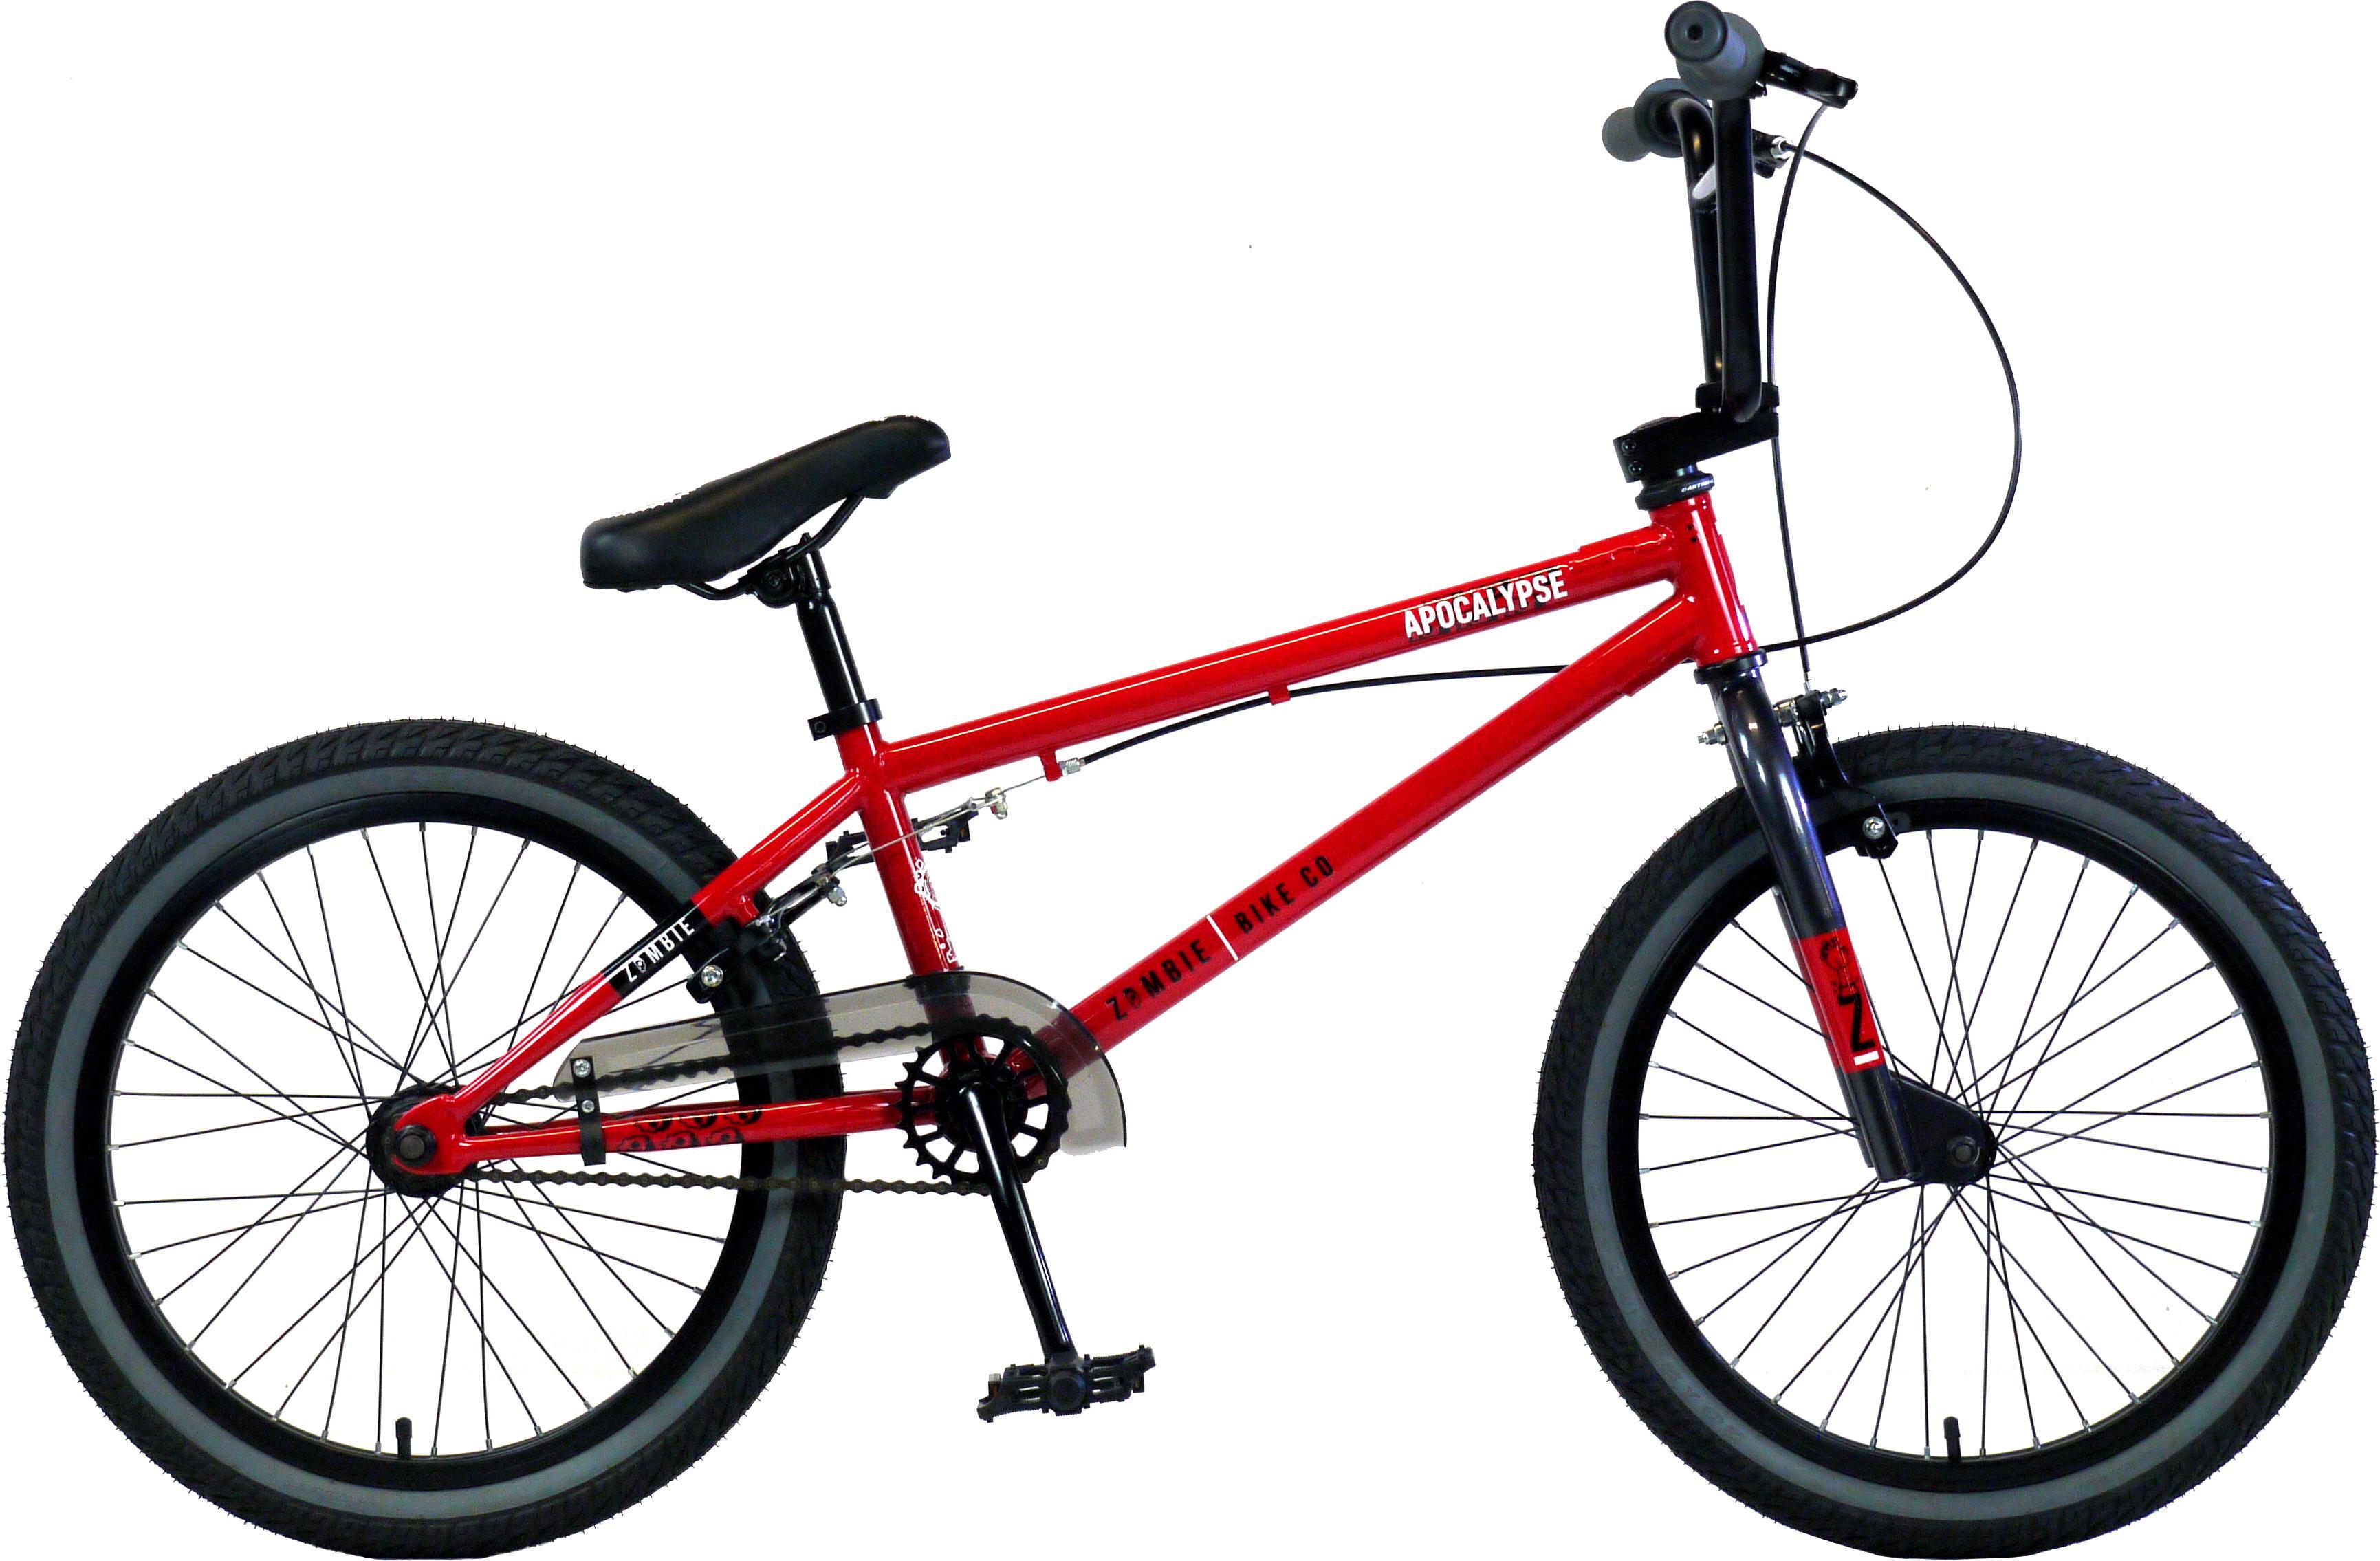 Zombie Apocalypse BMX Bike - 20 inch Wheel